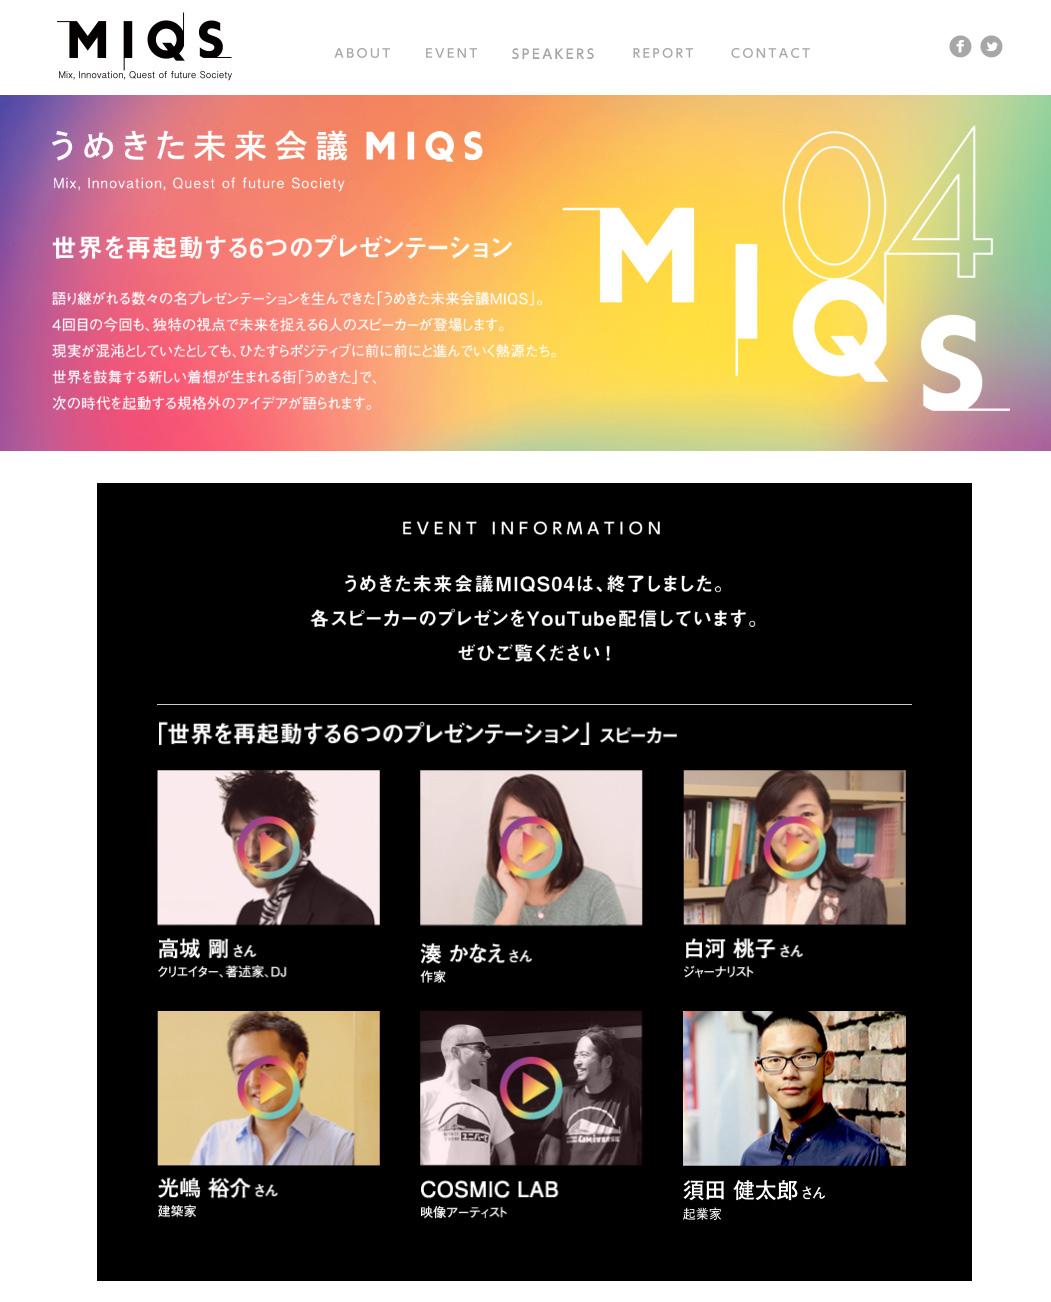 制作実績:うめきた未来会議MIQS(WEB)